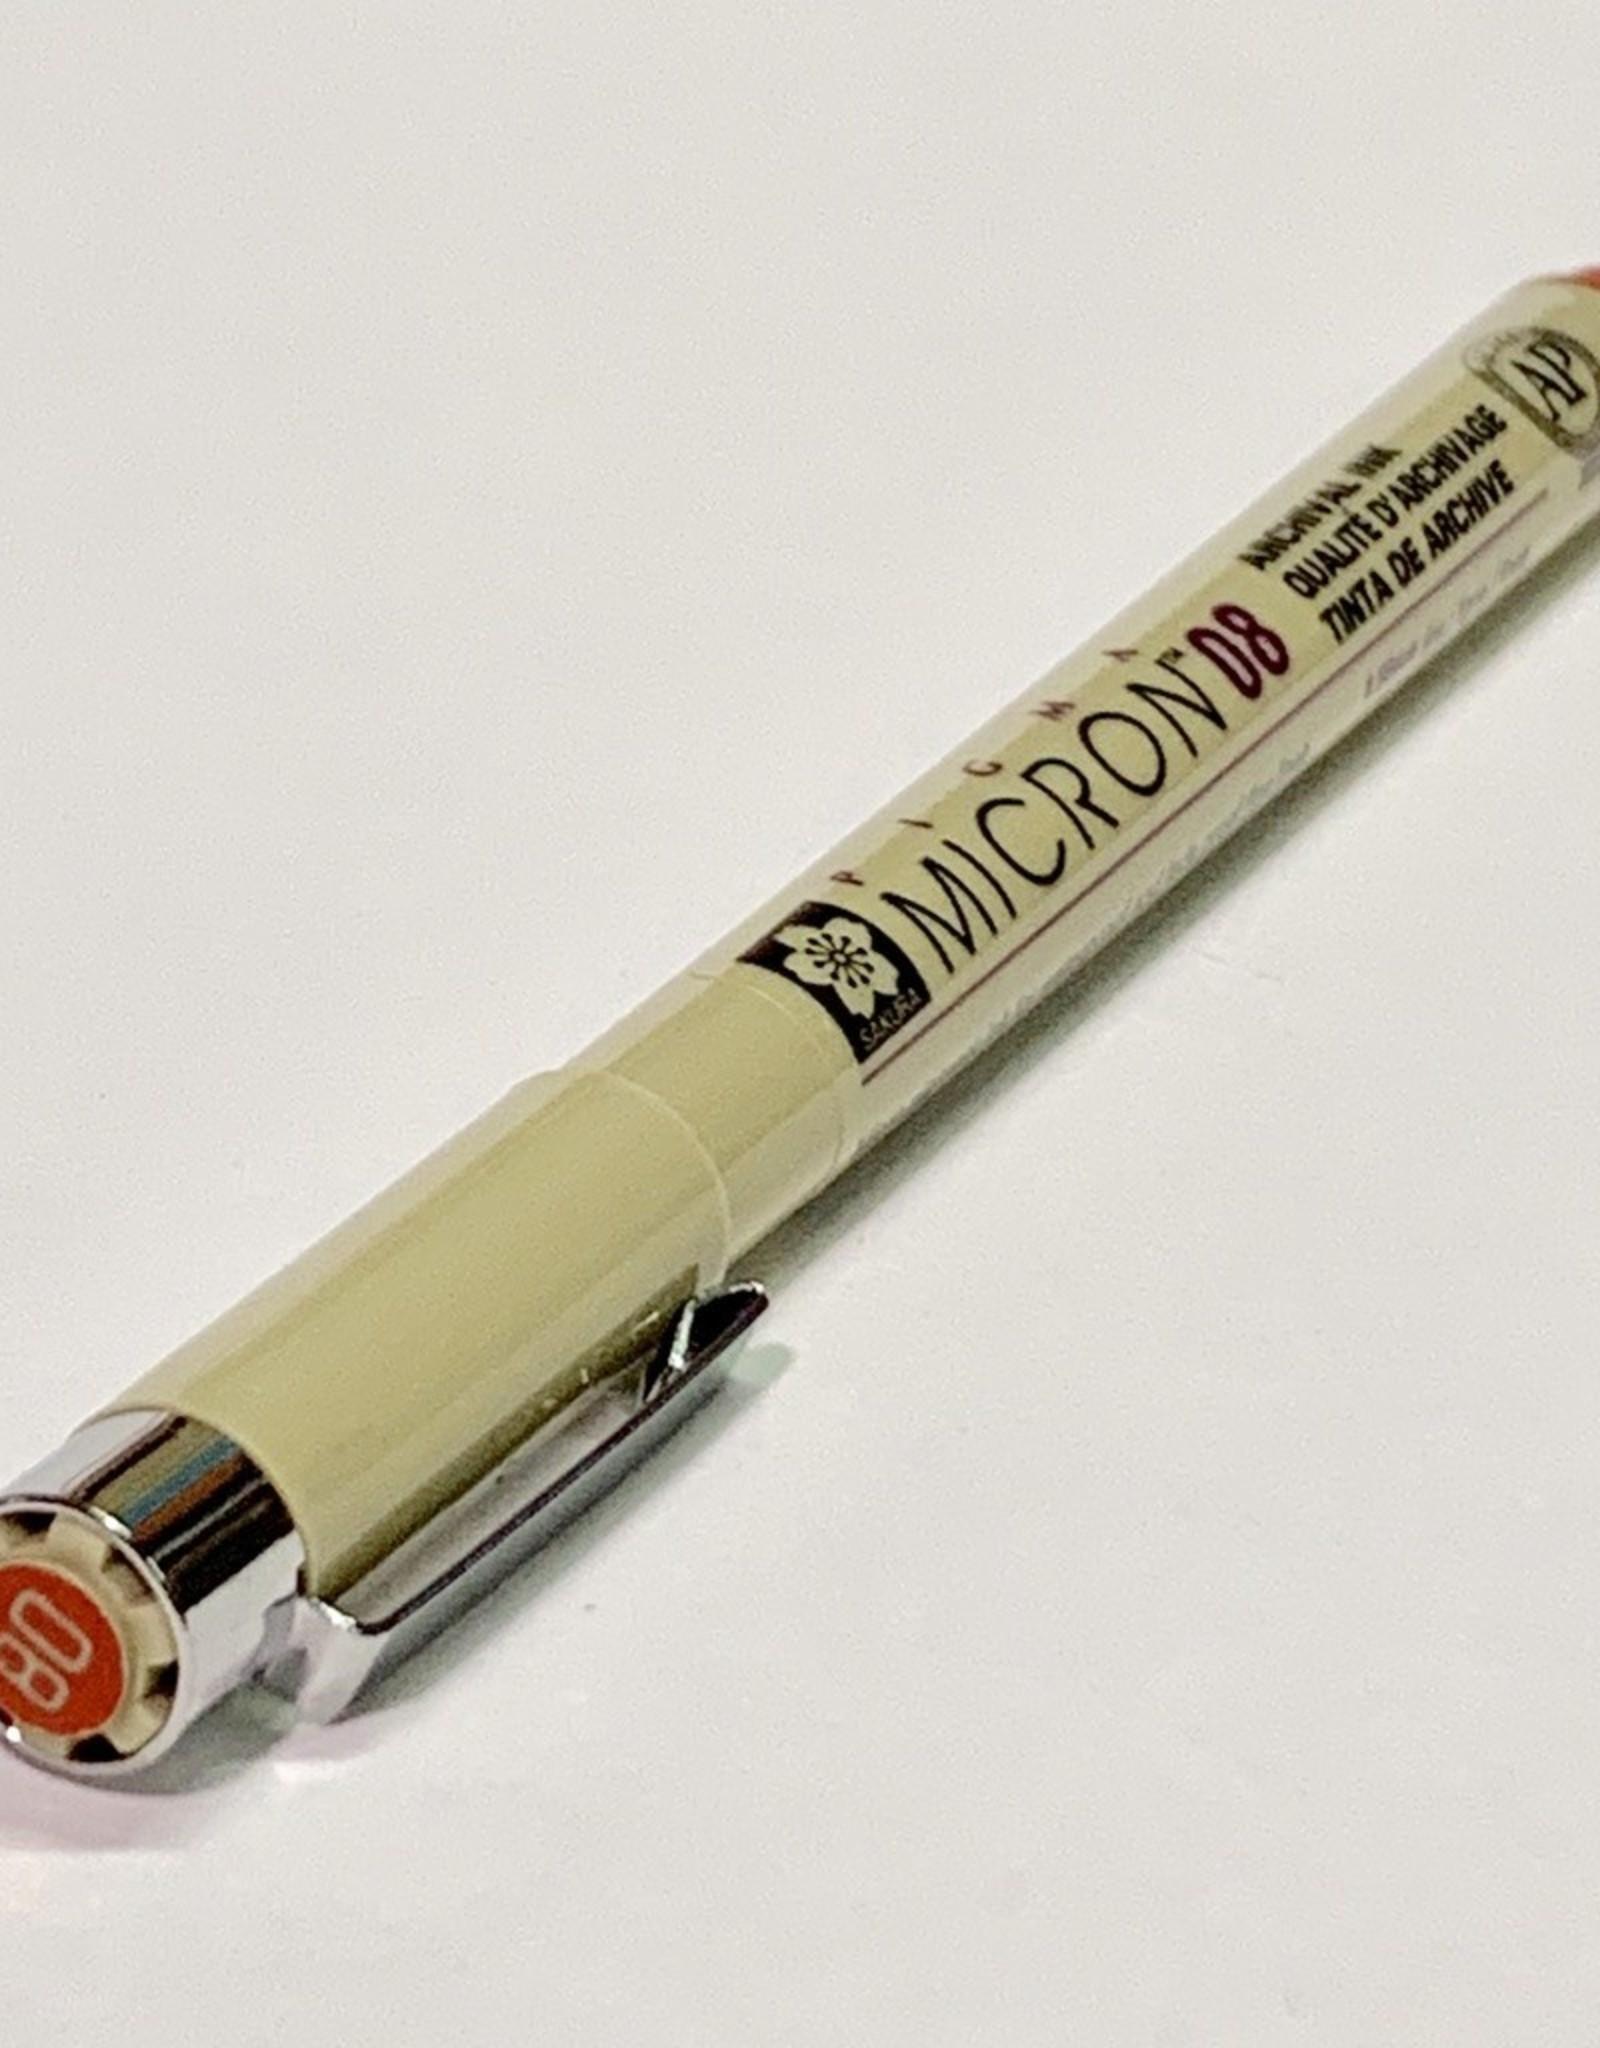 Sakura Micron Red Pen 08 .50mm